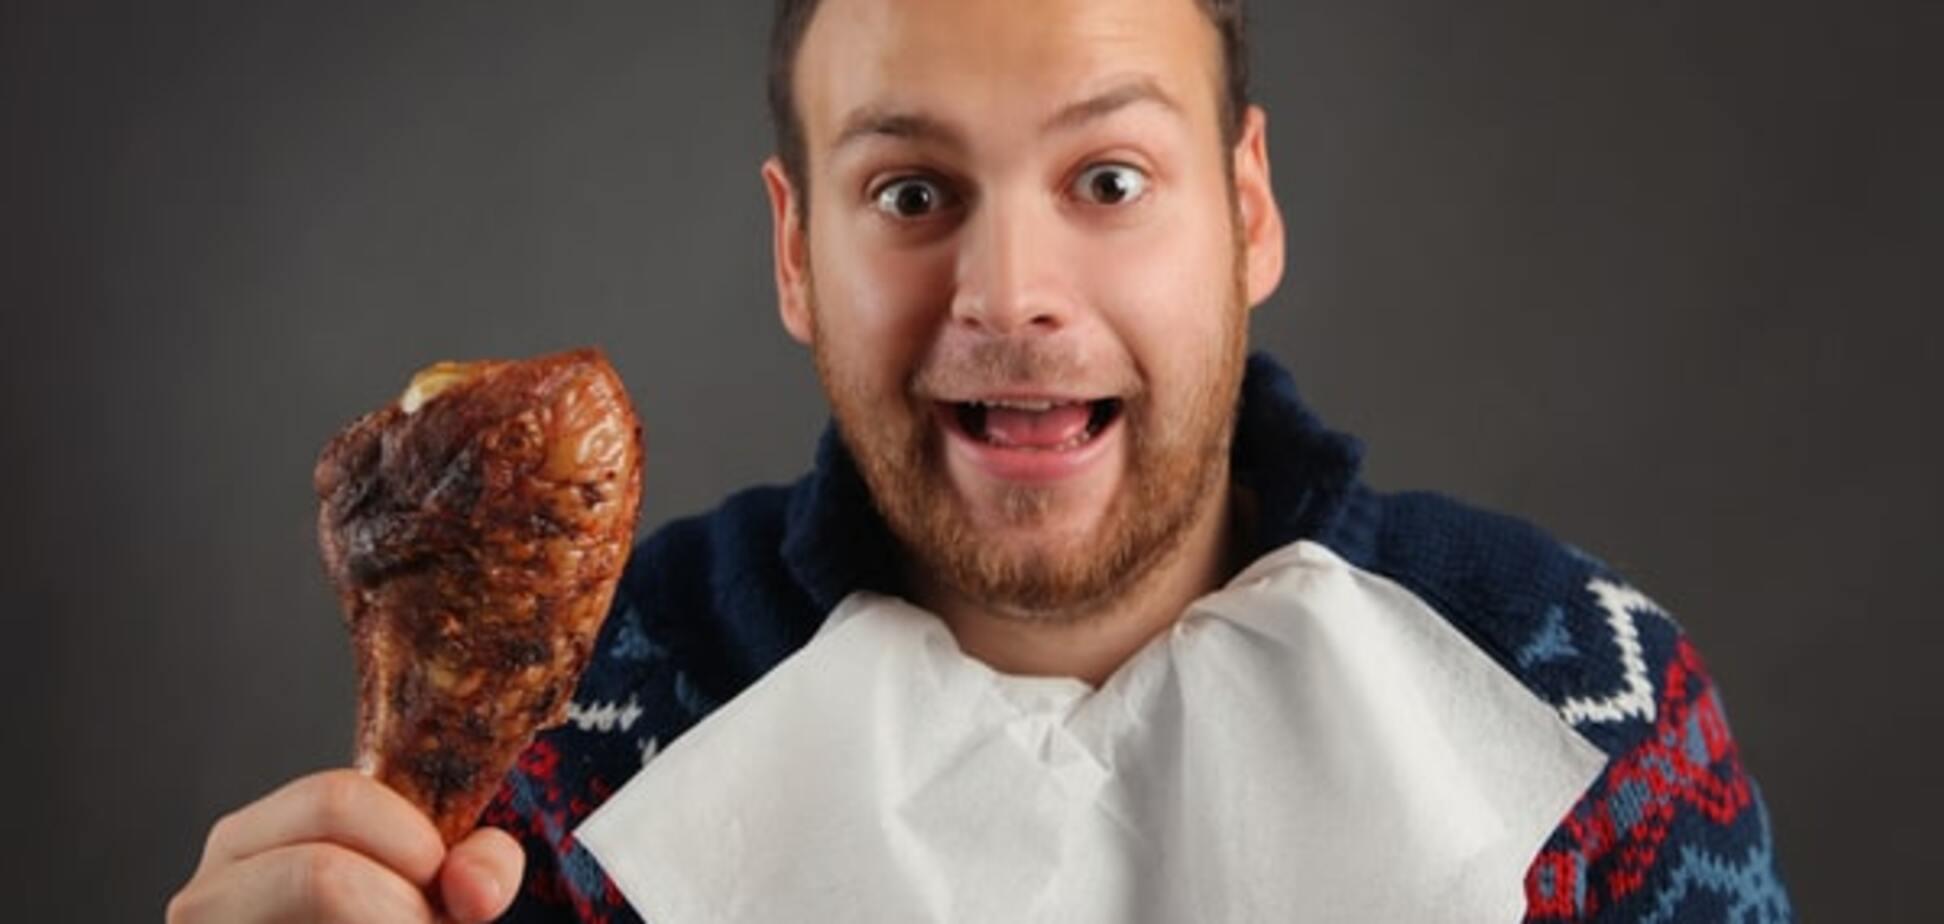 Защита от рака и стройная фигура: эксперты назвали 6 причин перестать есть колбасу